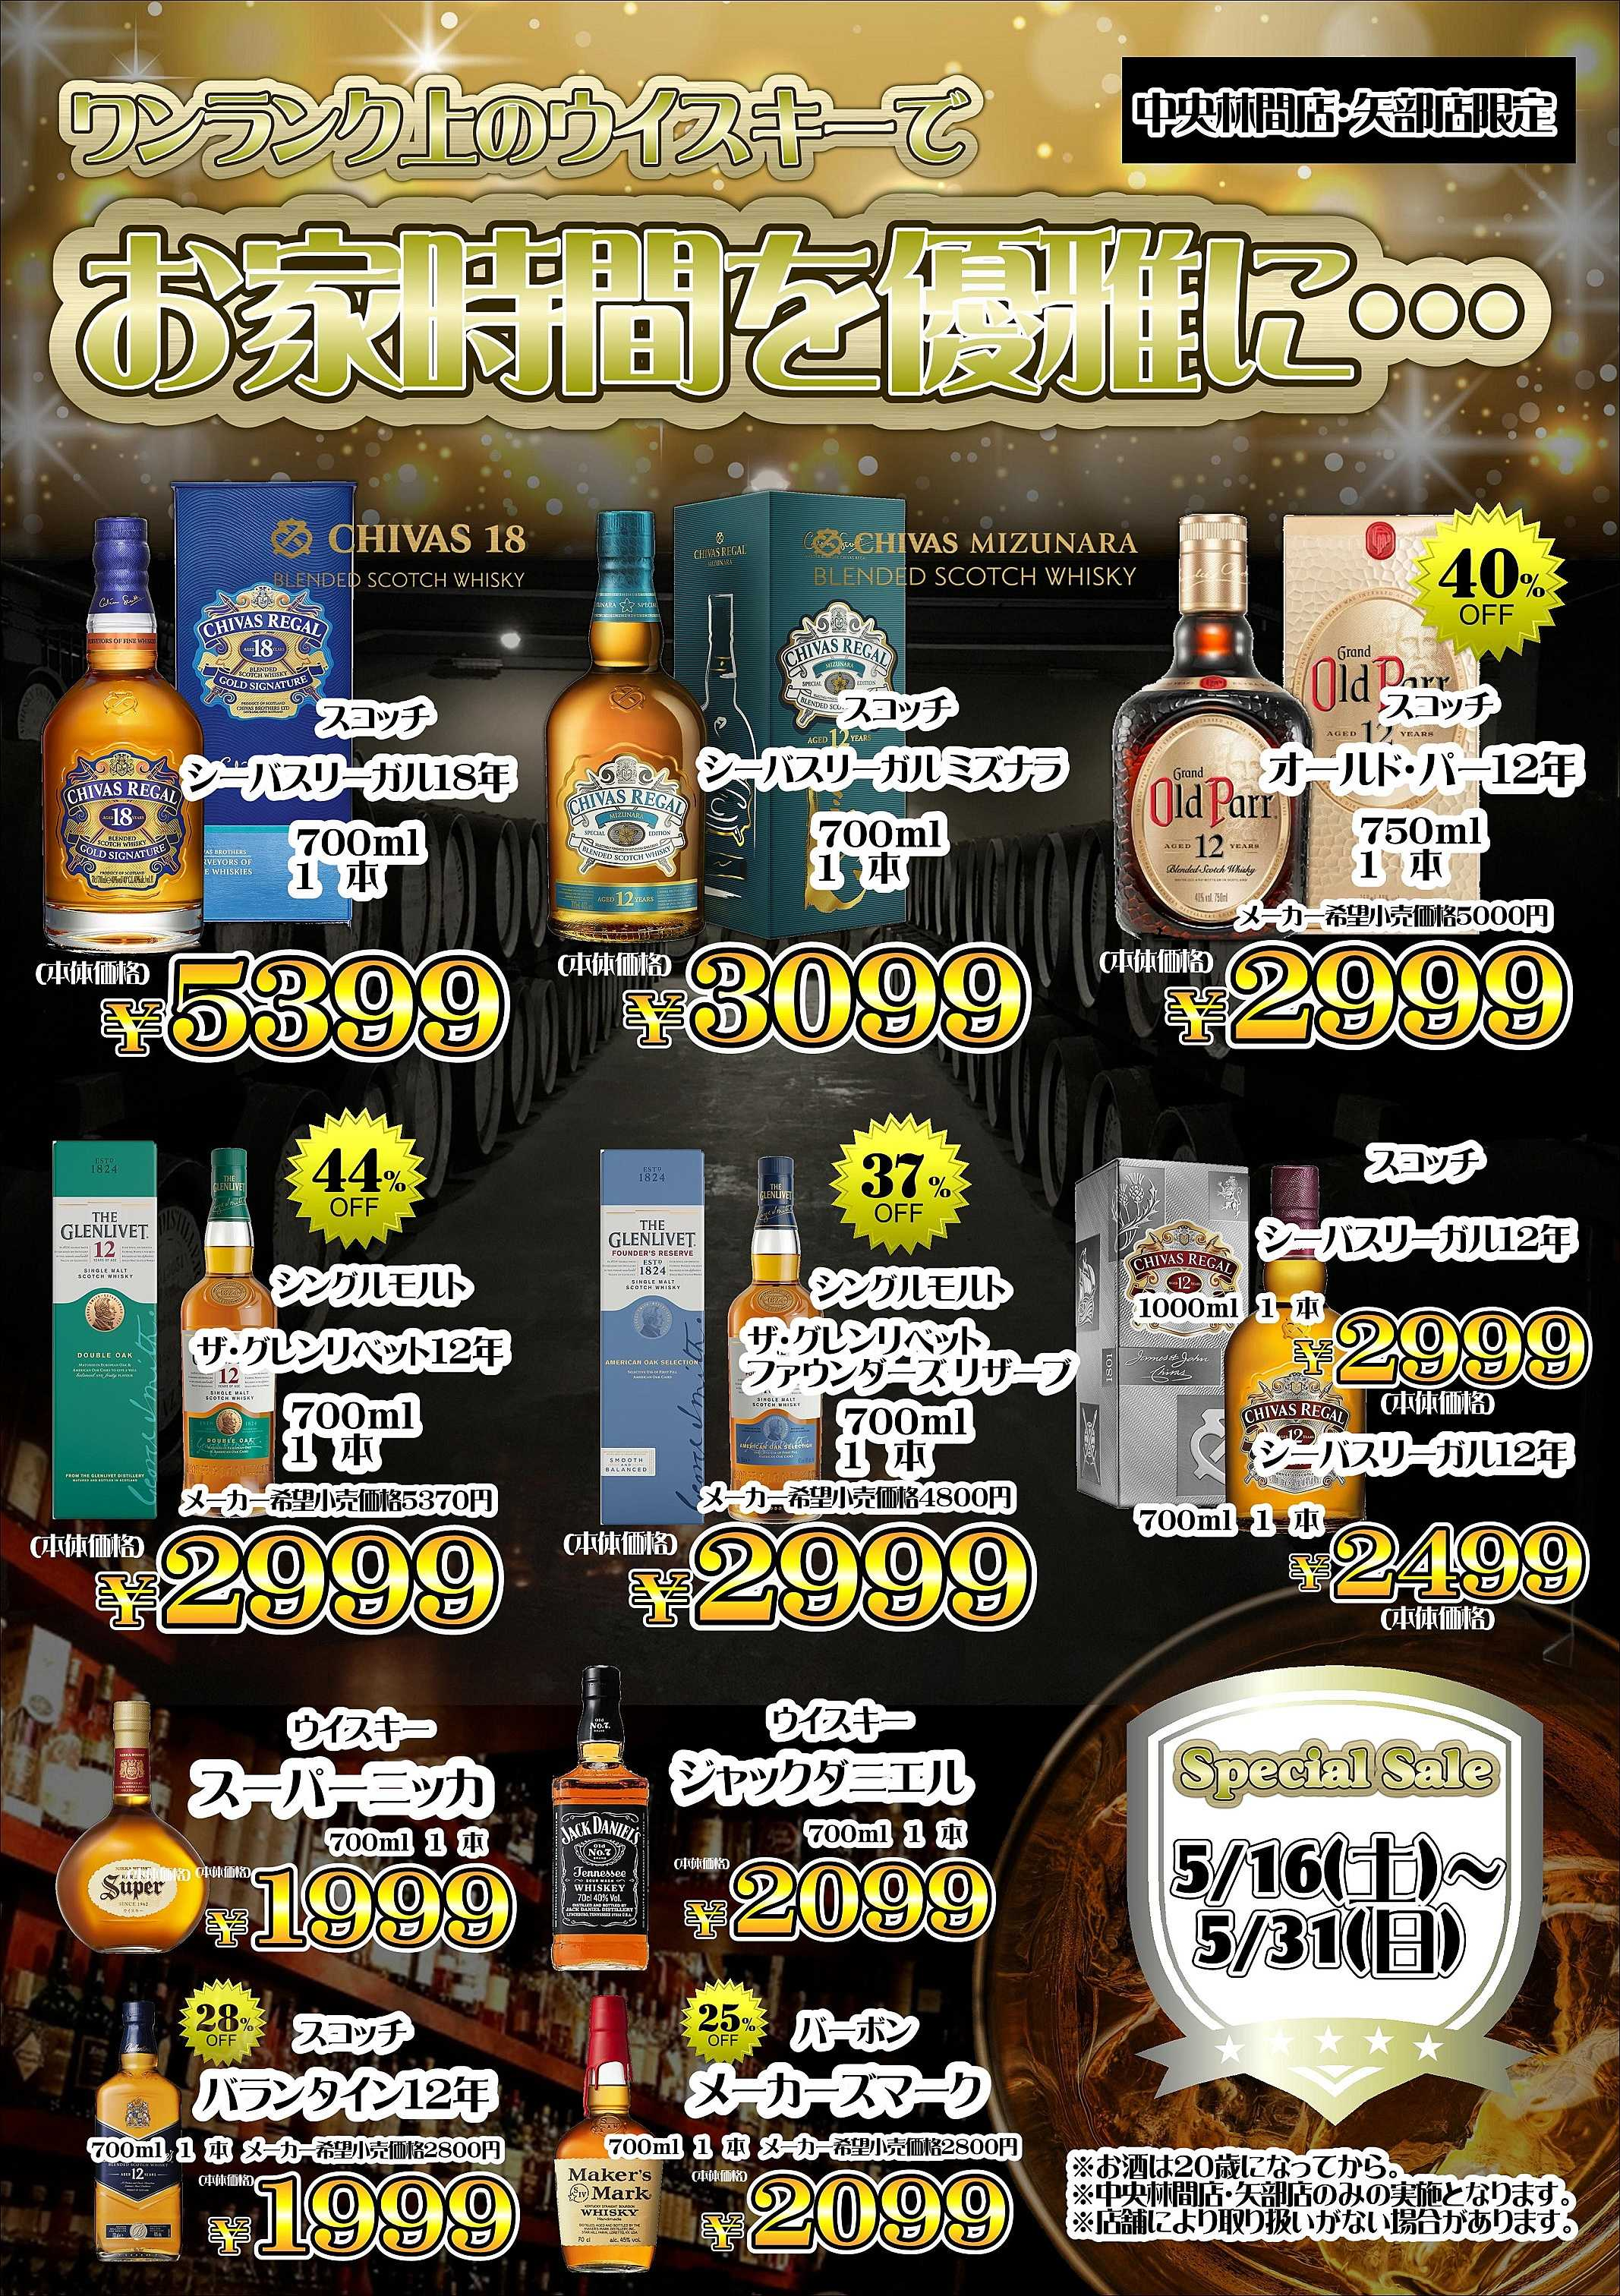 オオゼキ 【31(日)まで】ワンランク上のウイスキーがお買得価格でズラリ♪【中央林間店・矢部店】